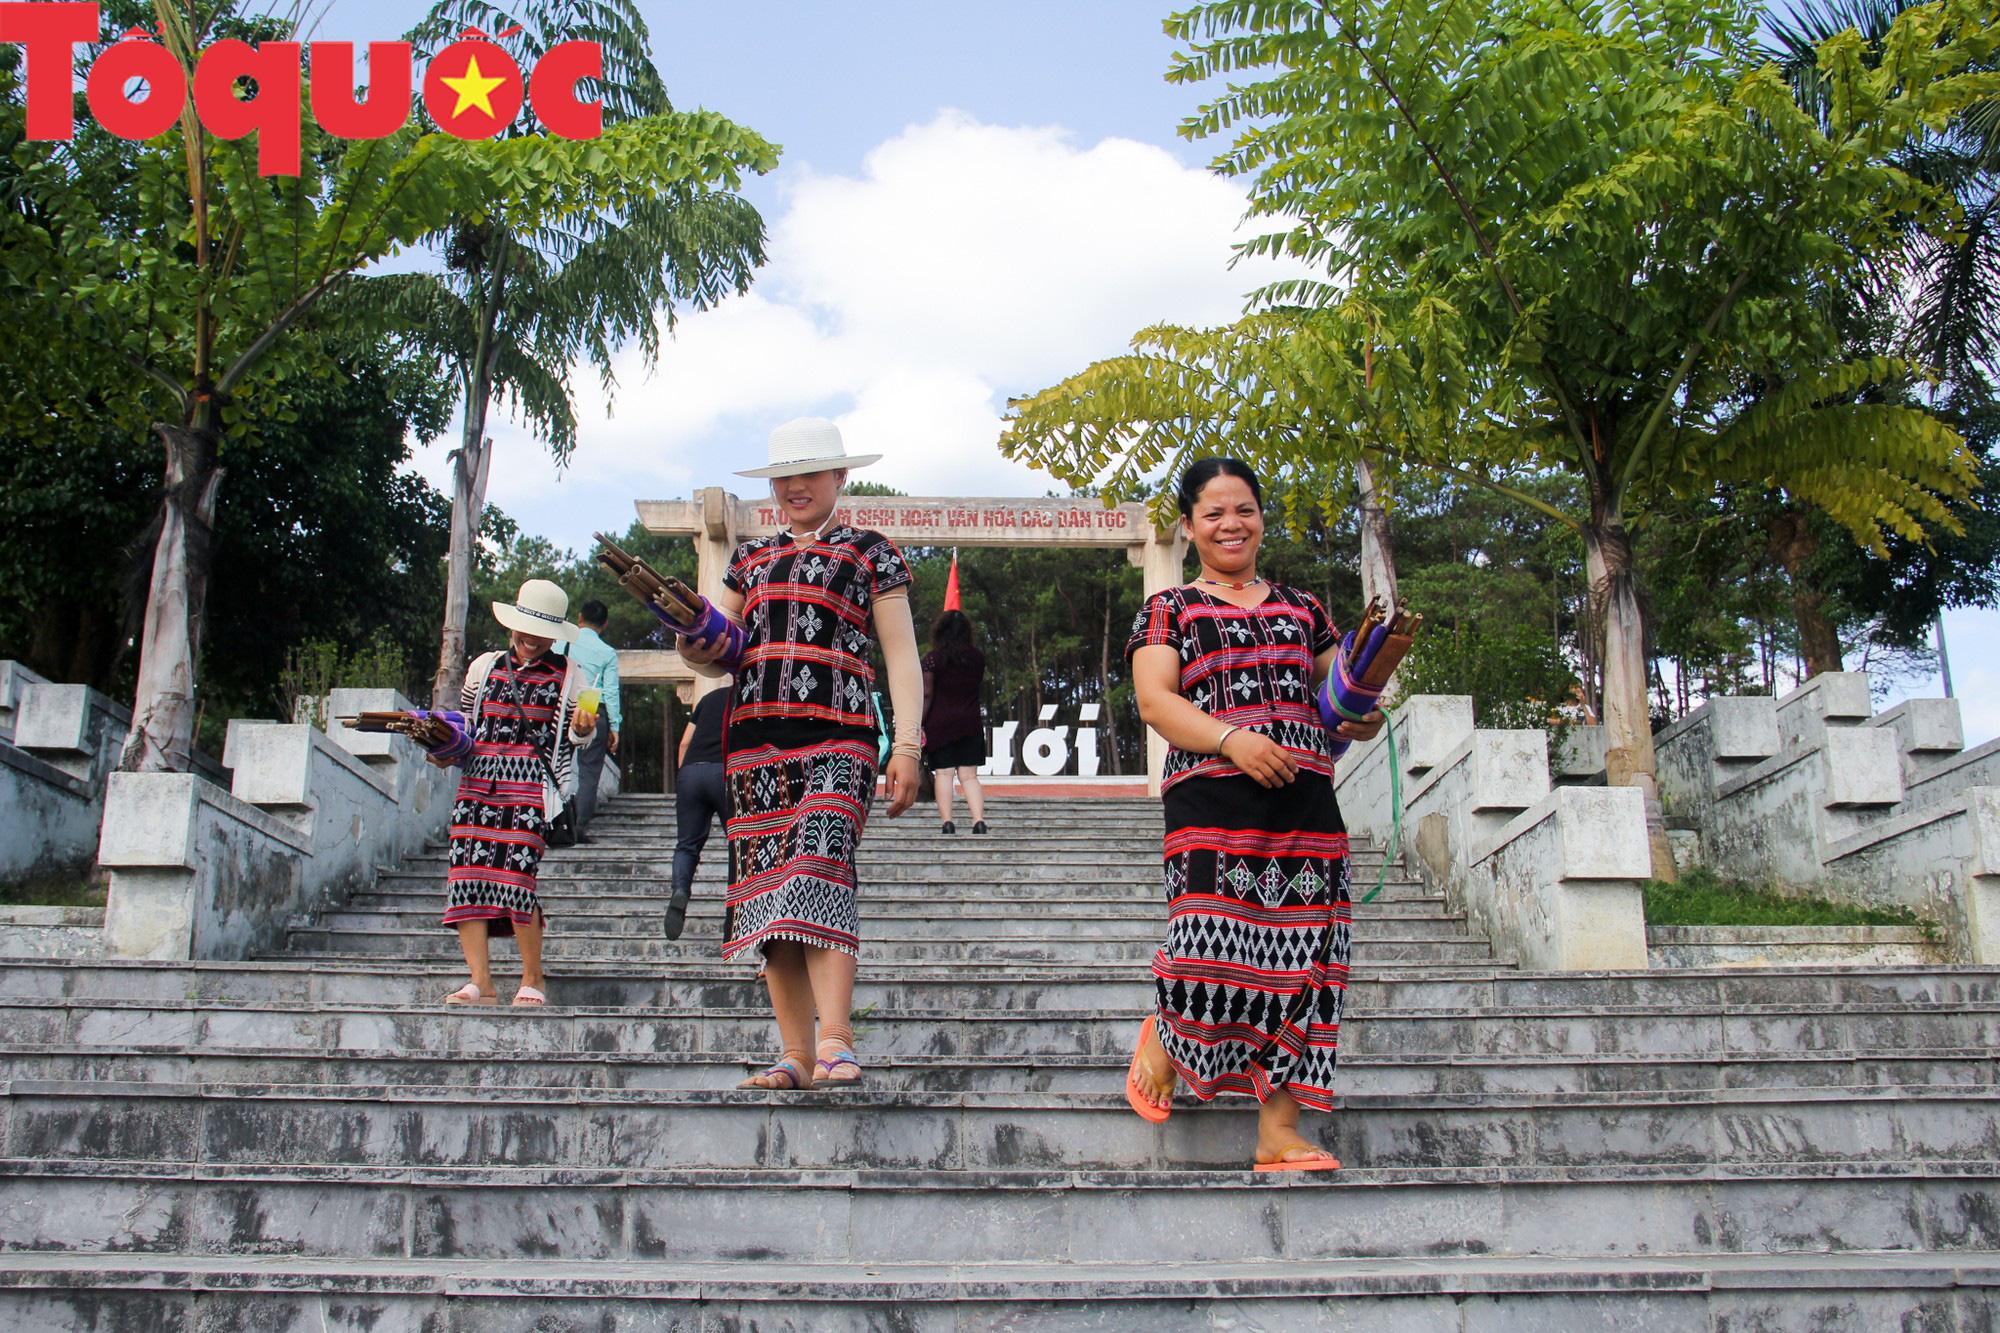 Tinh hoa văn hóa các dân tộc biên giới Việt Nam - Lào hội tụ về trên vùng cao A Lưới - Ảnh 2.